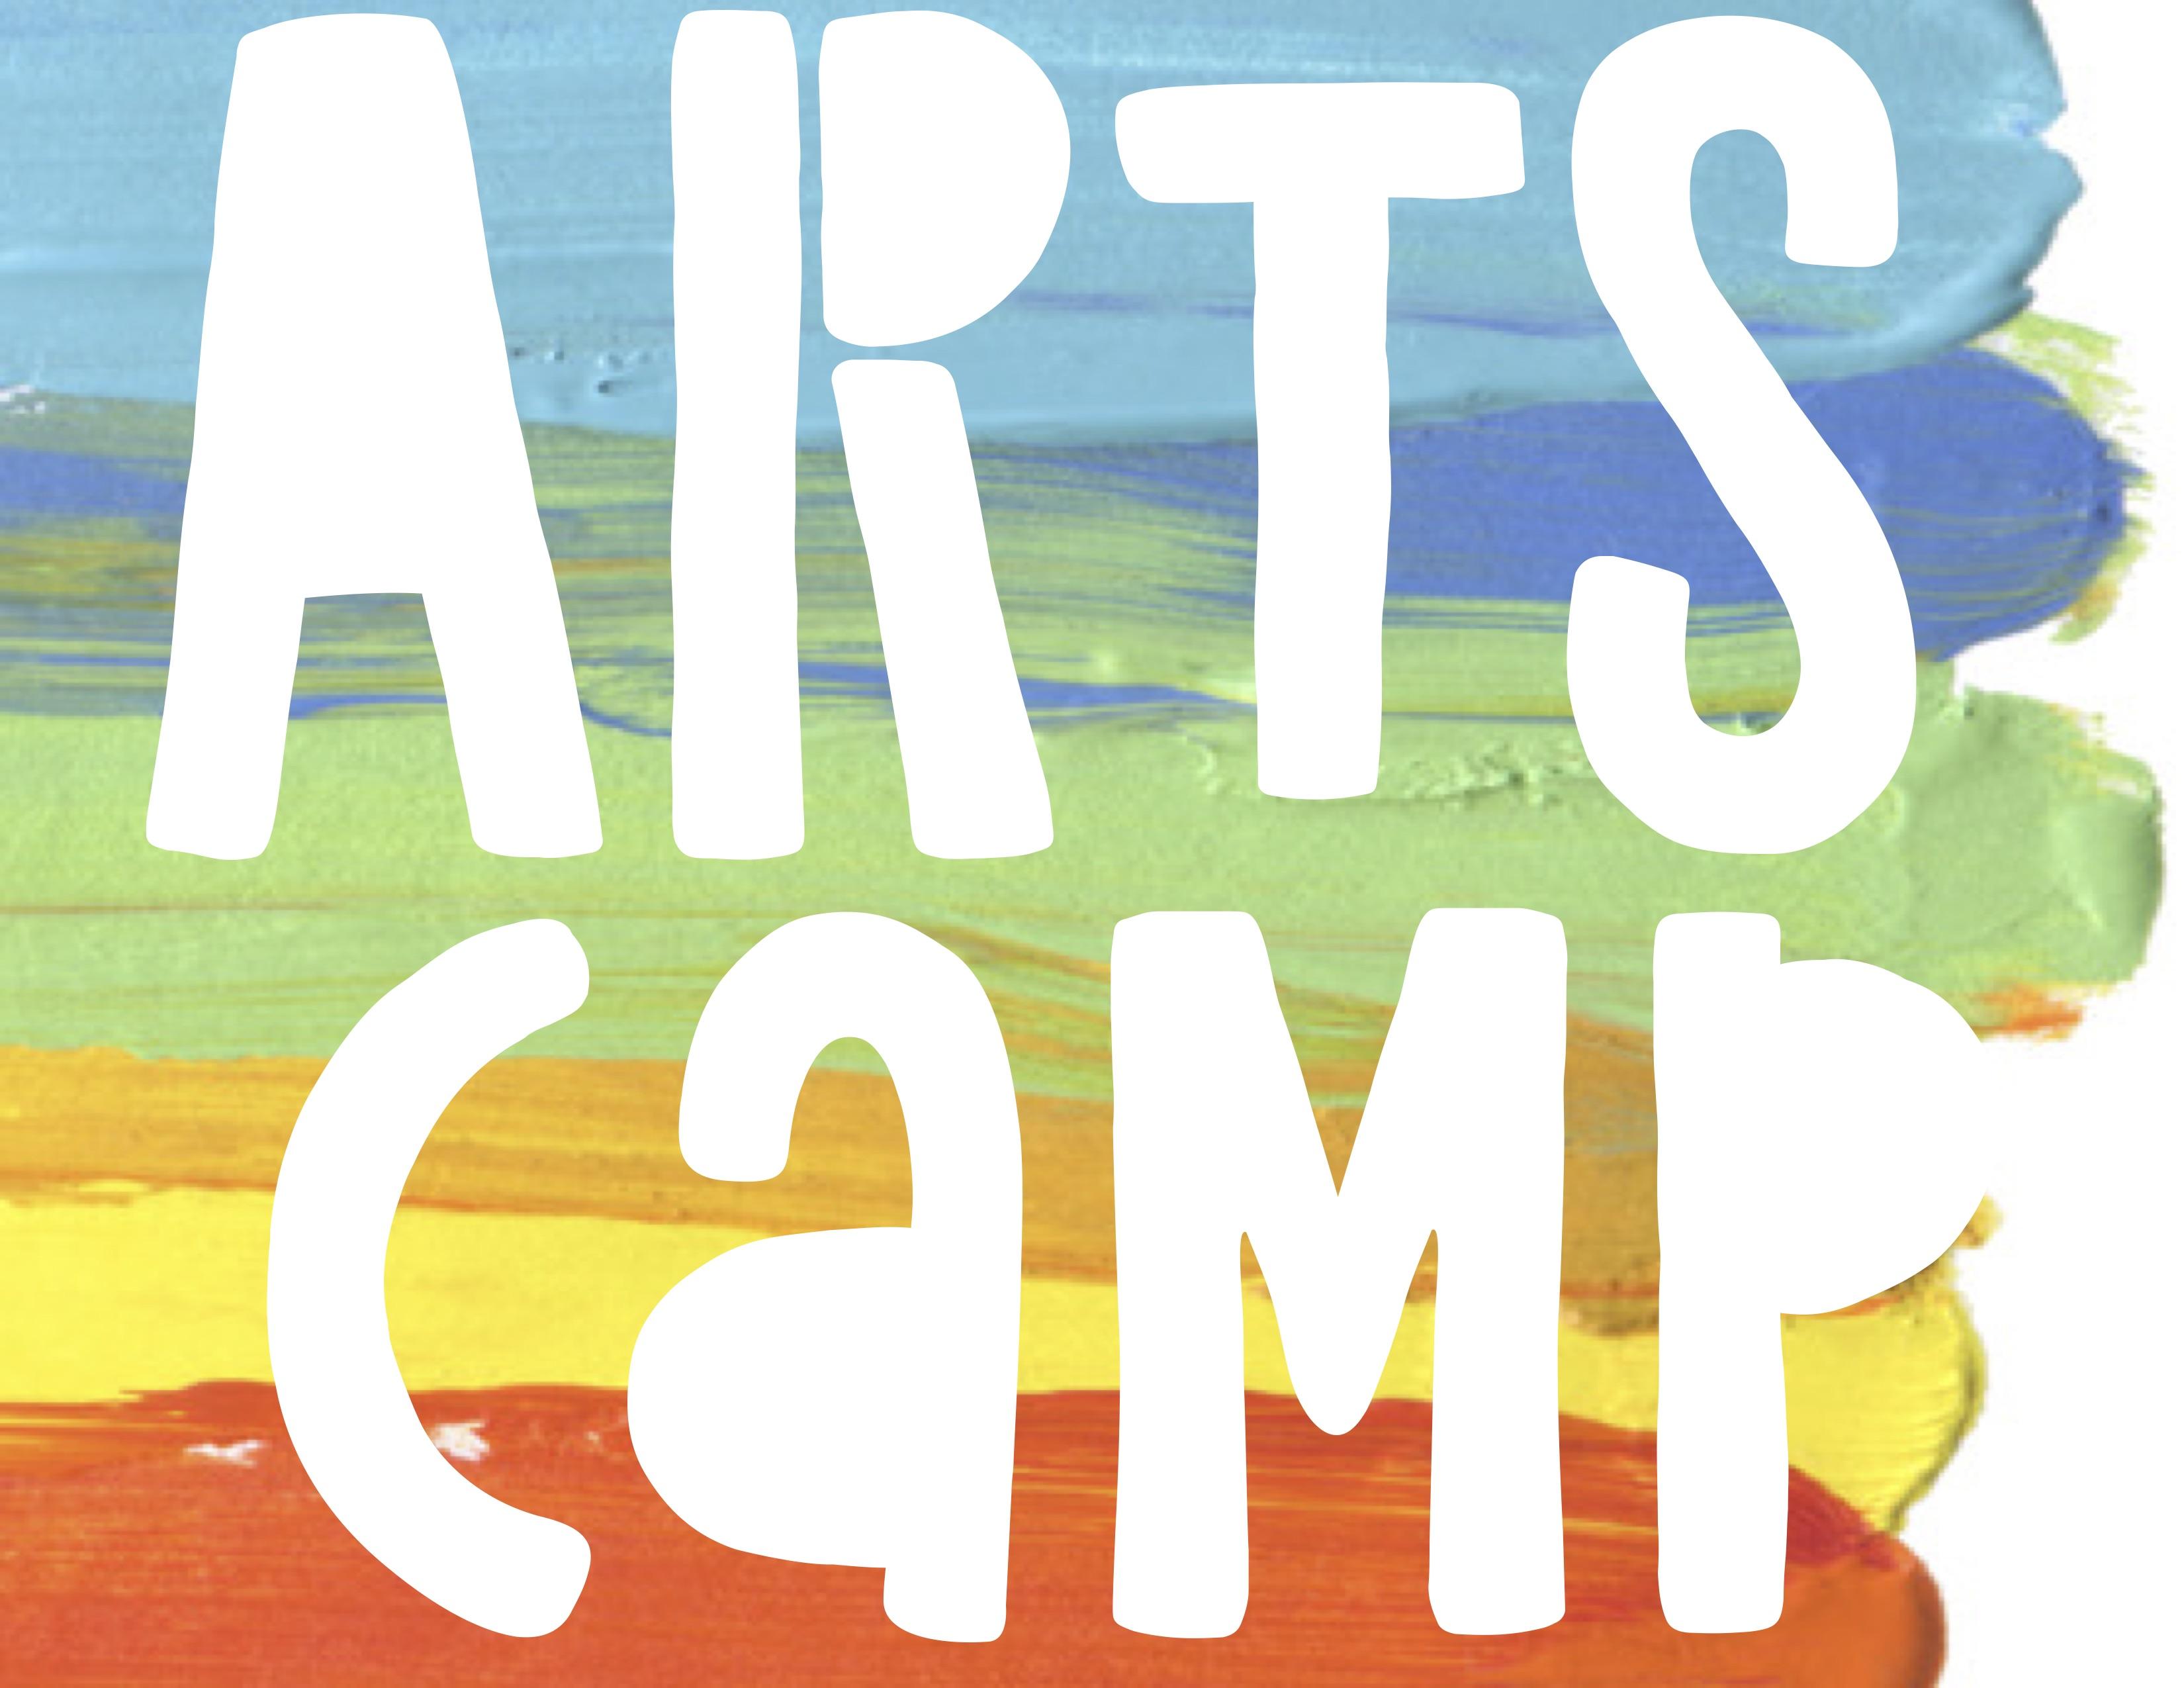 Pco arts camp